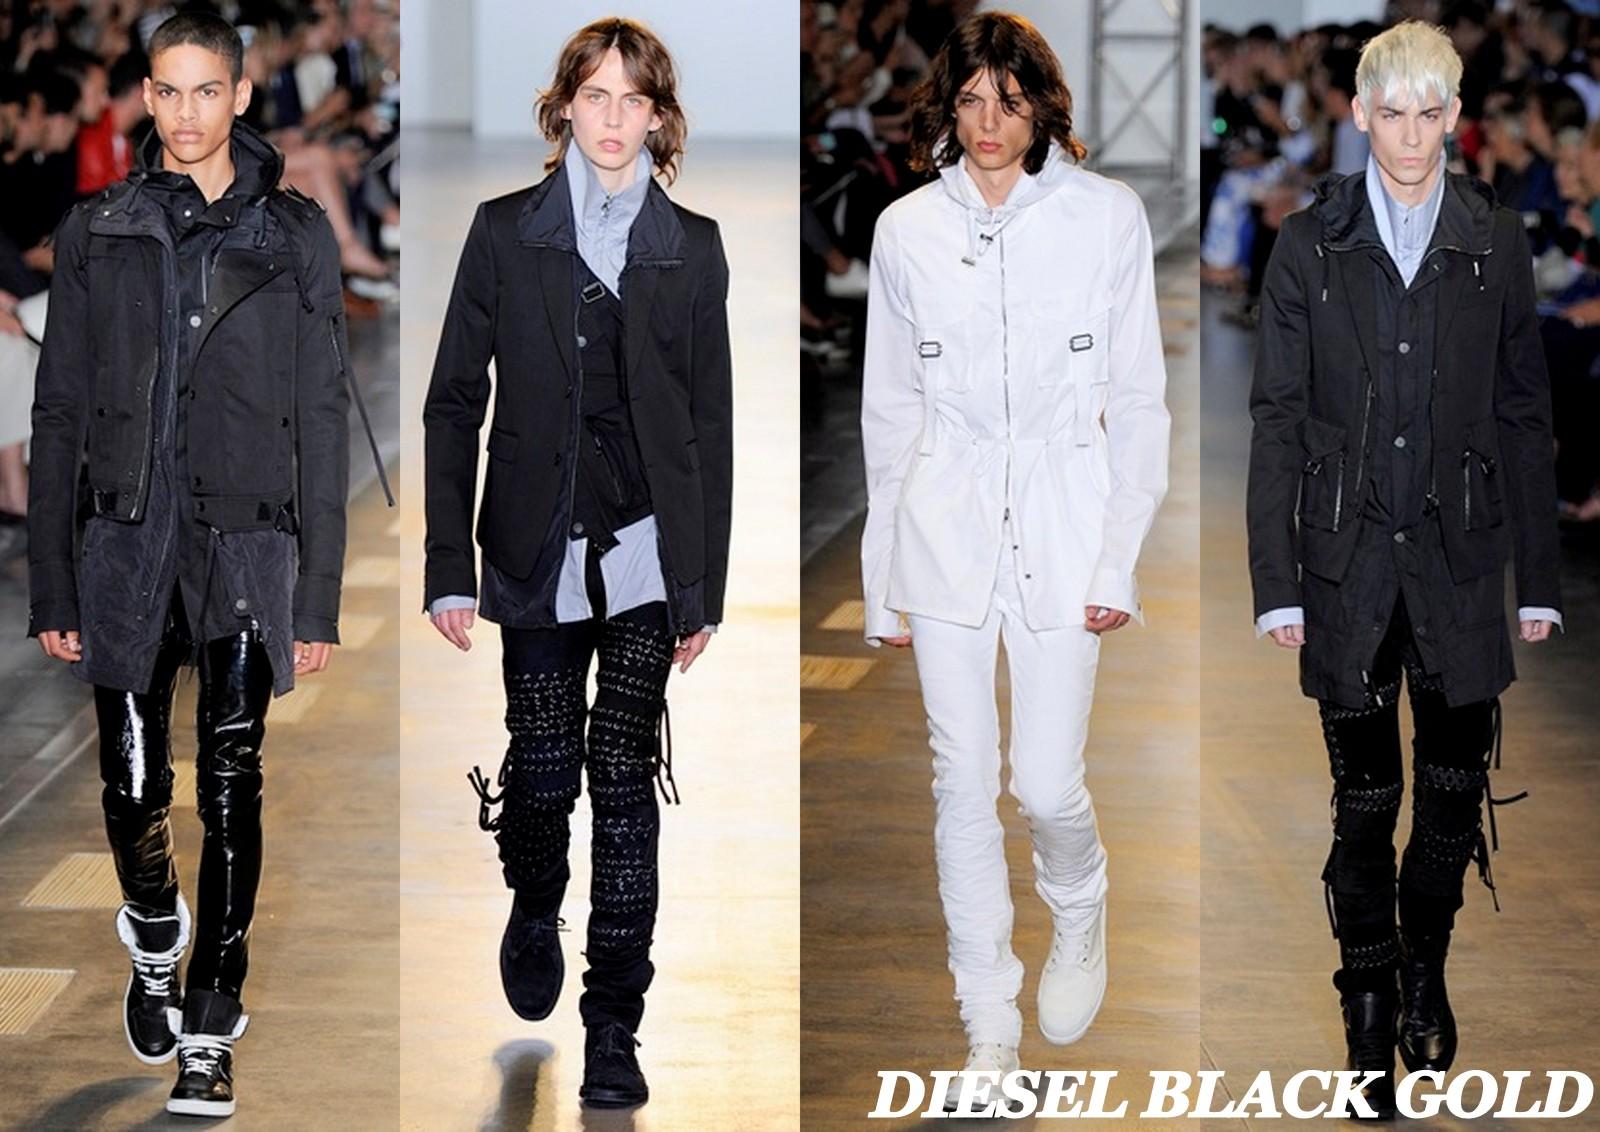 Diesel Black Gold , ss16 , milan fashion week